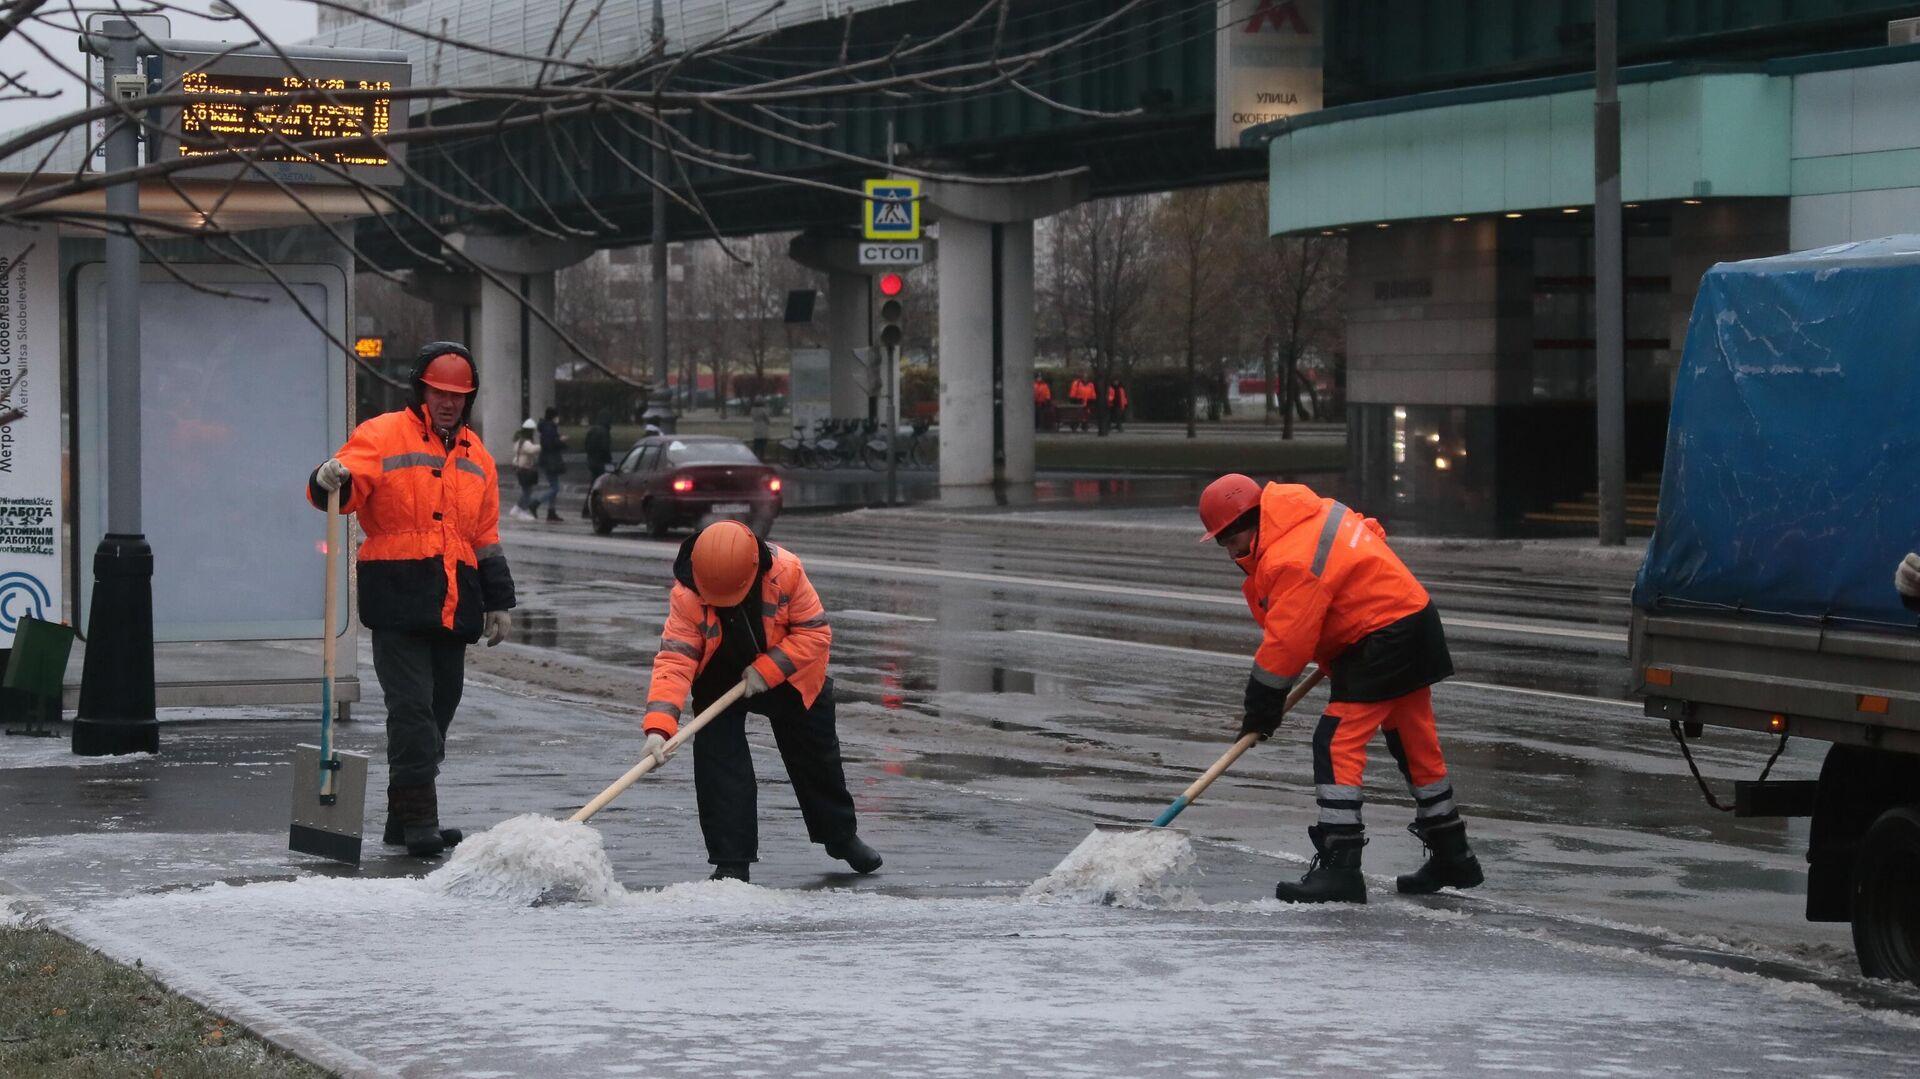 Работники коммунальных служб убирают улицу в Южном Бутово в Москве после прошедшего ледяного дождя - РИА Новости, 1920, 19.11.2020